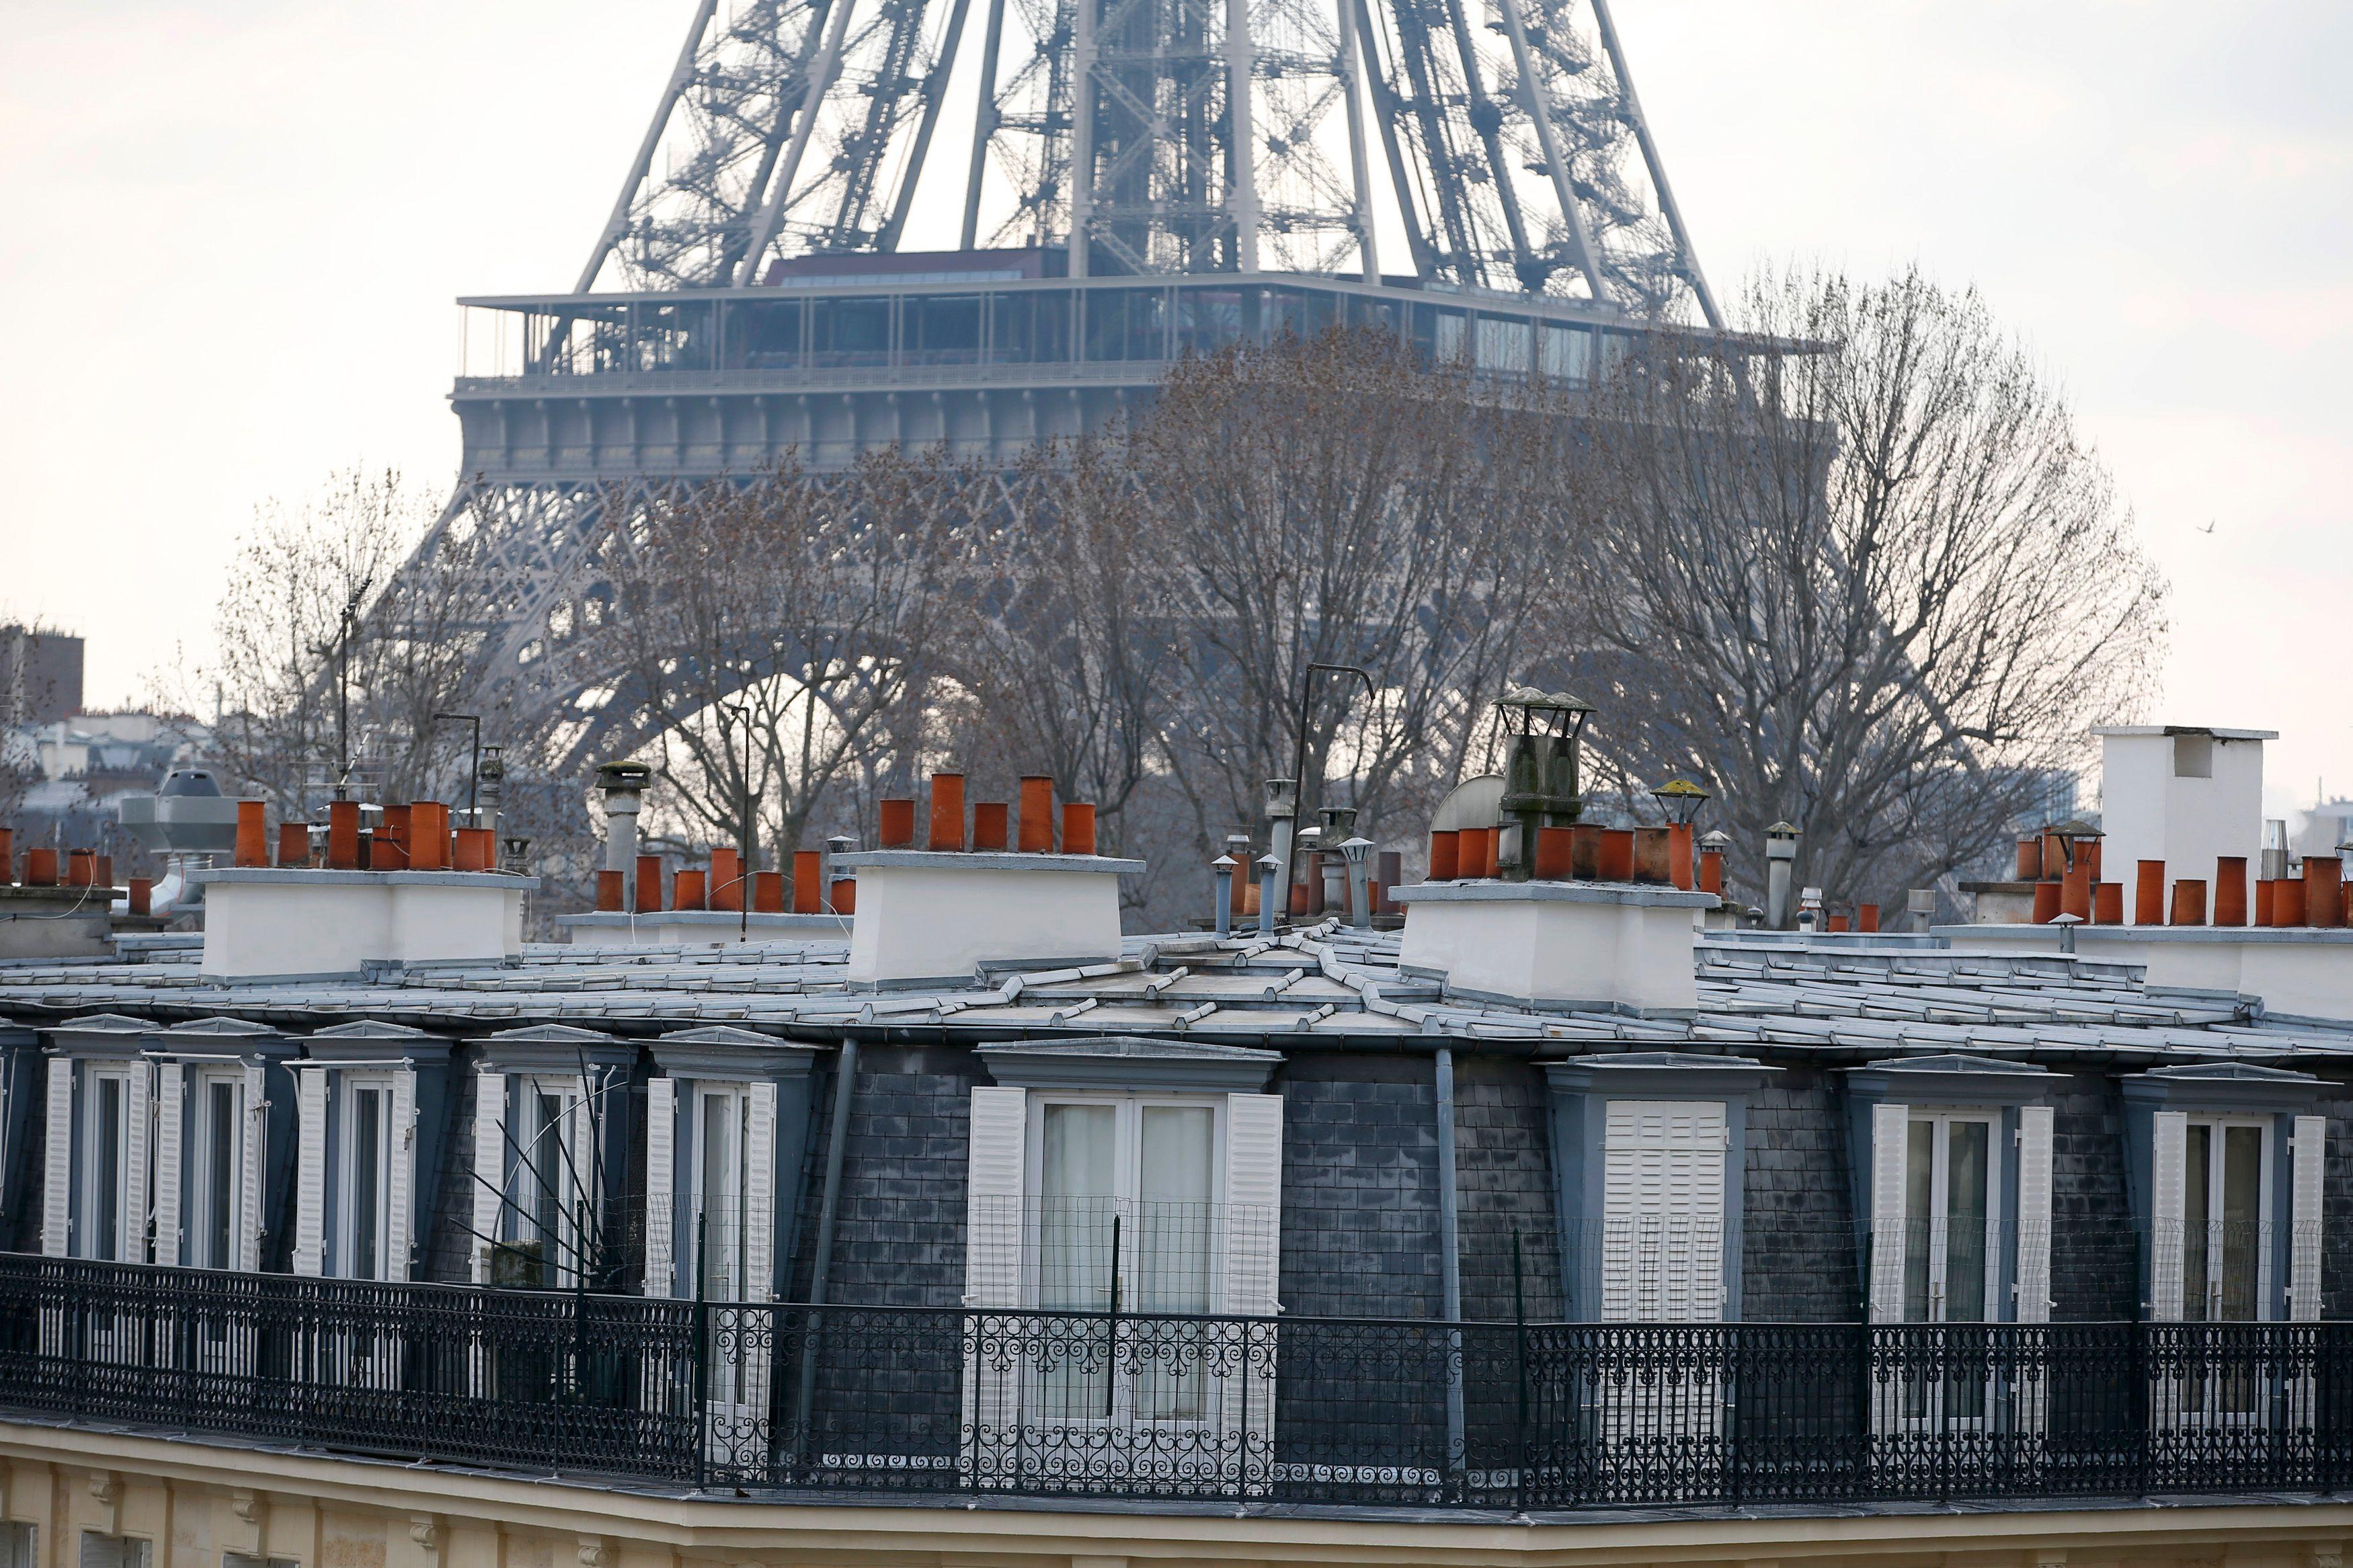 Etudiants : le coût de la rentrée plus élevé à Paris, Brest et Clermont-Ferrand, villes les moins chères